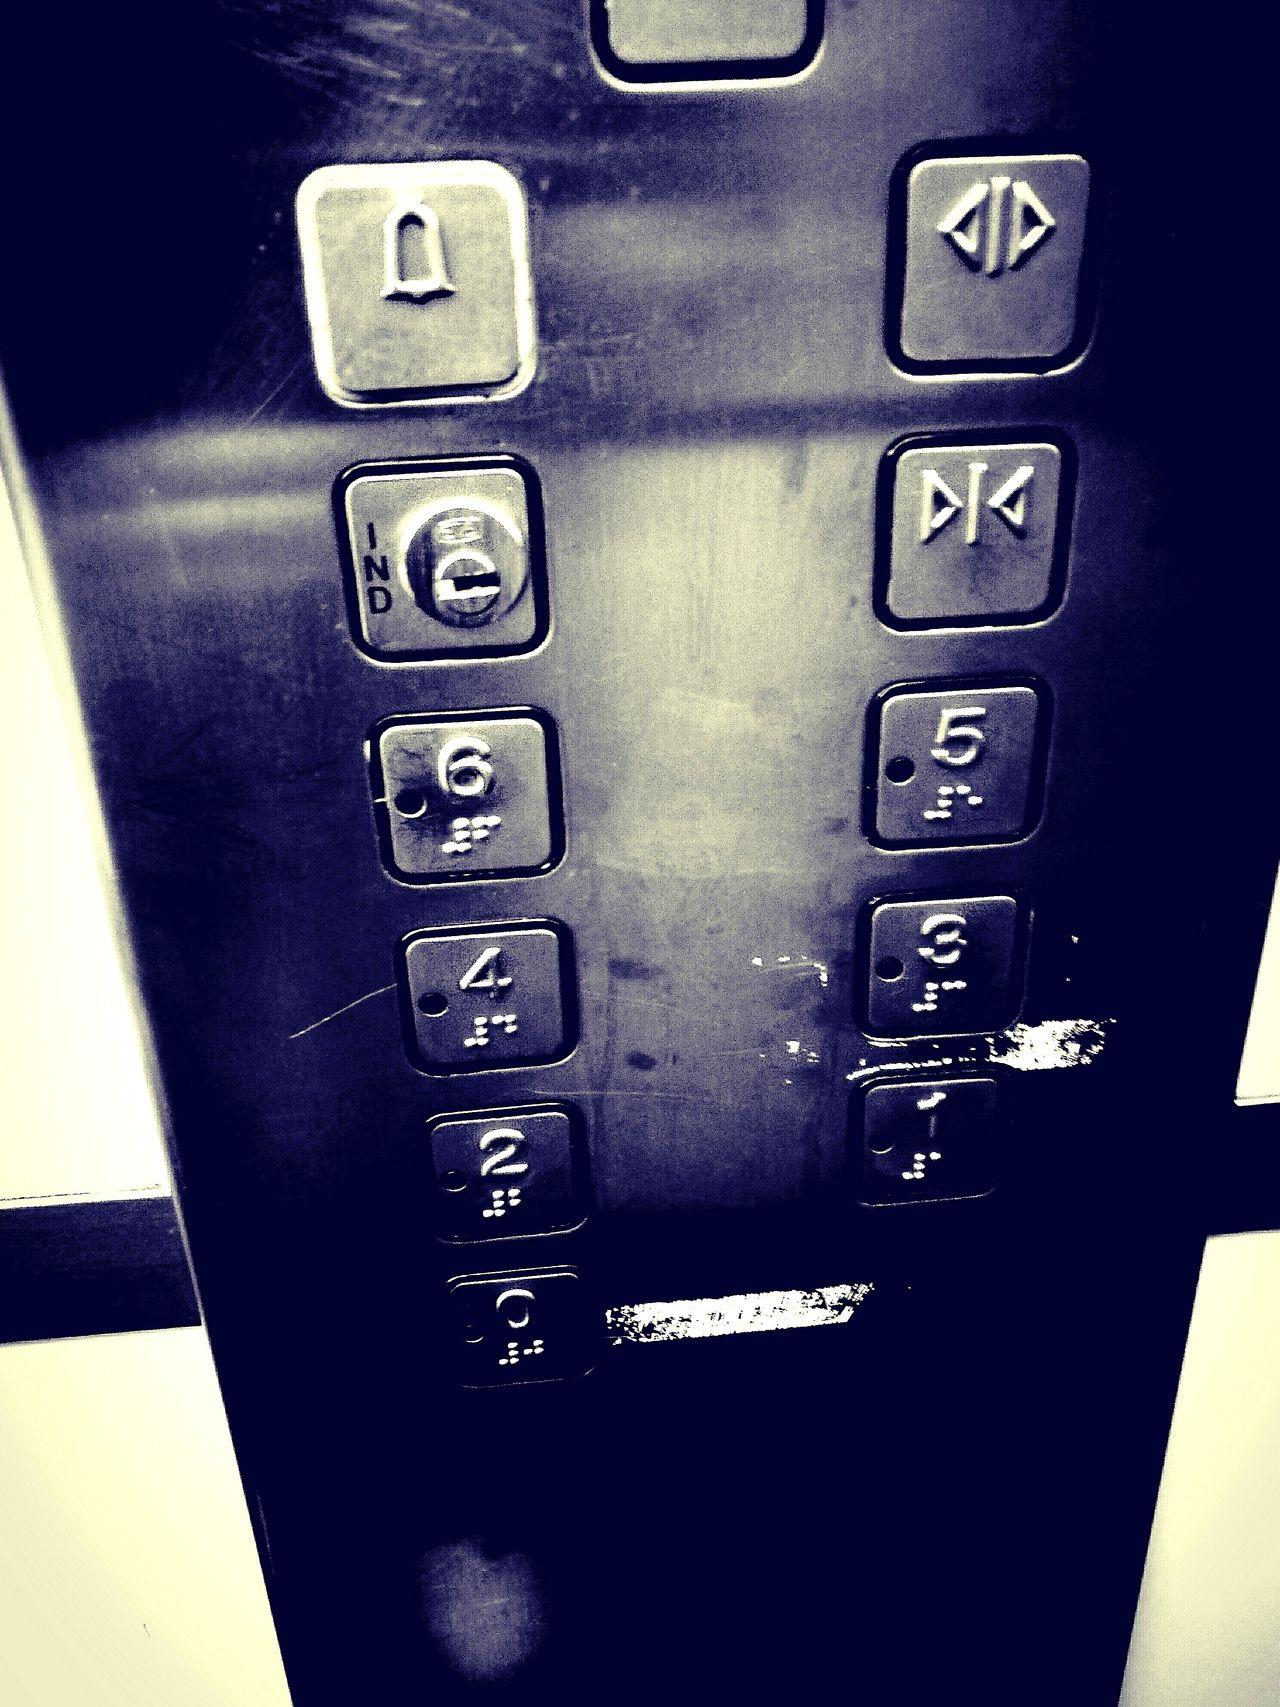 Elevator Numbers Communication Technology Keypad Alphabet Indoors  HuaweiP9